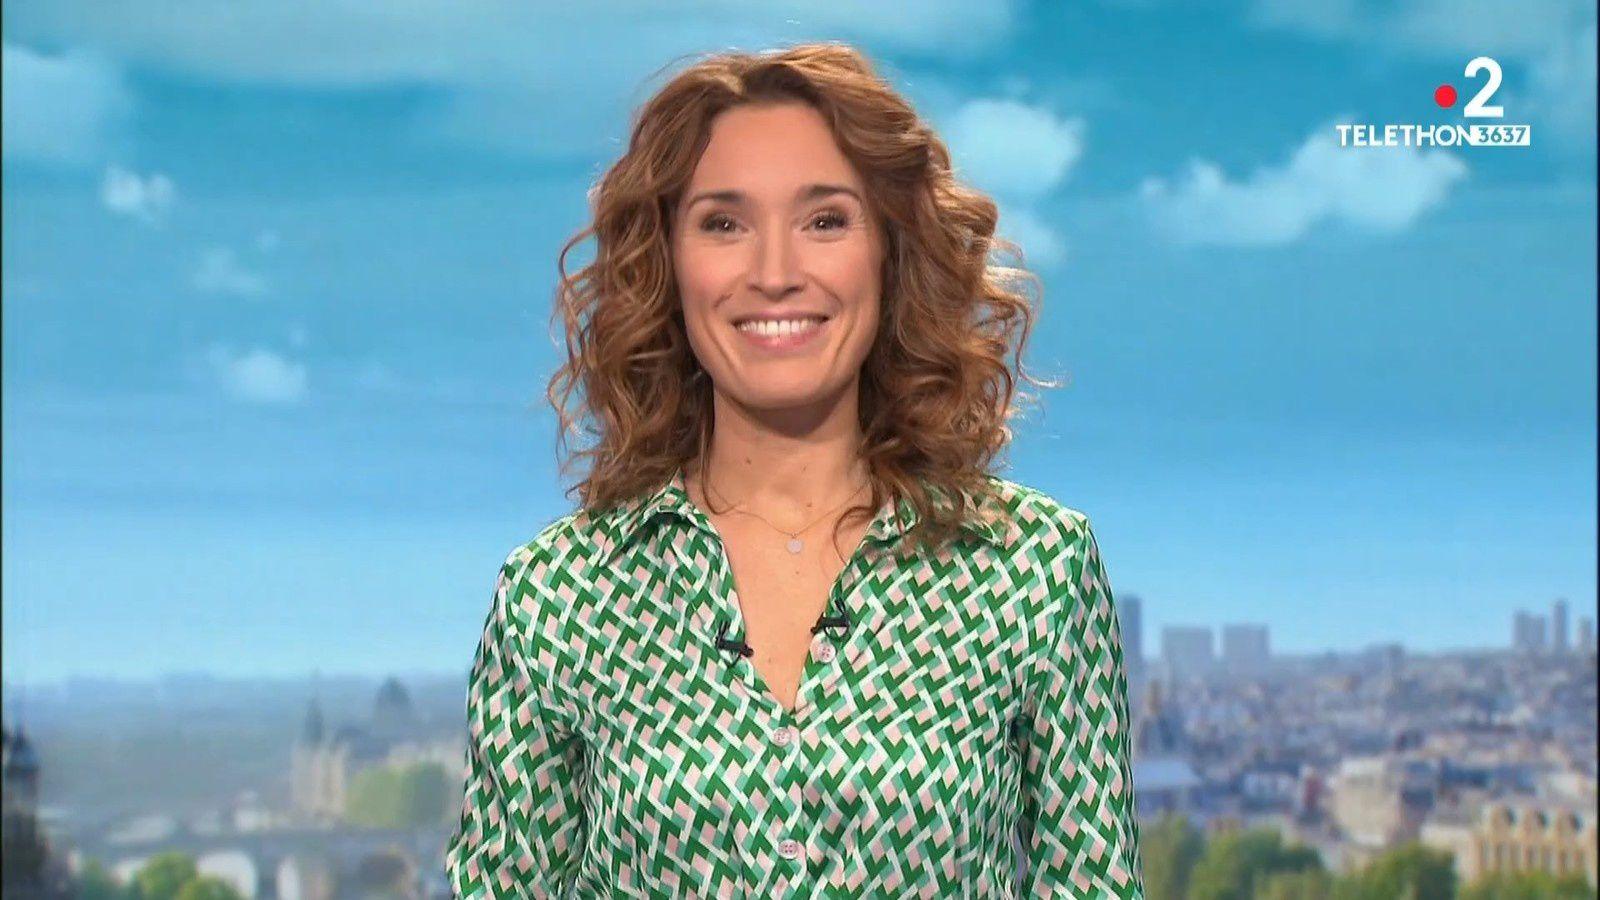 Marie-Sophie Lacarrau - 06 Décembre 2019